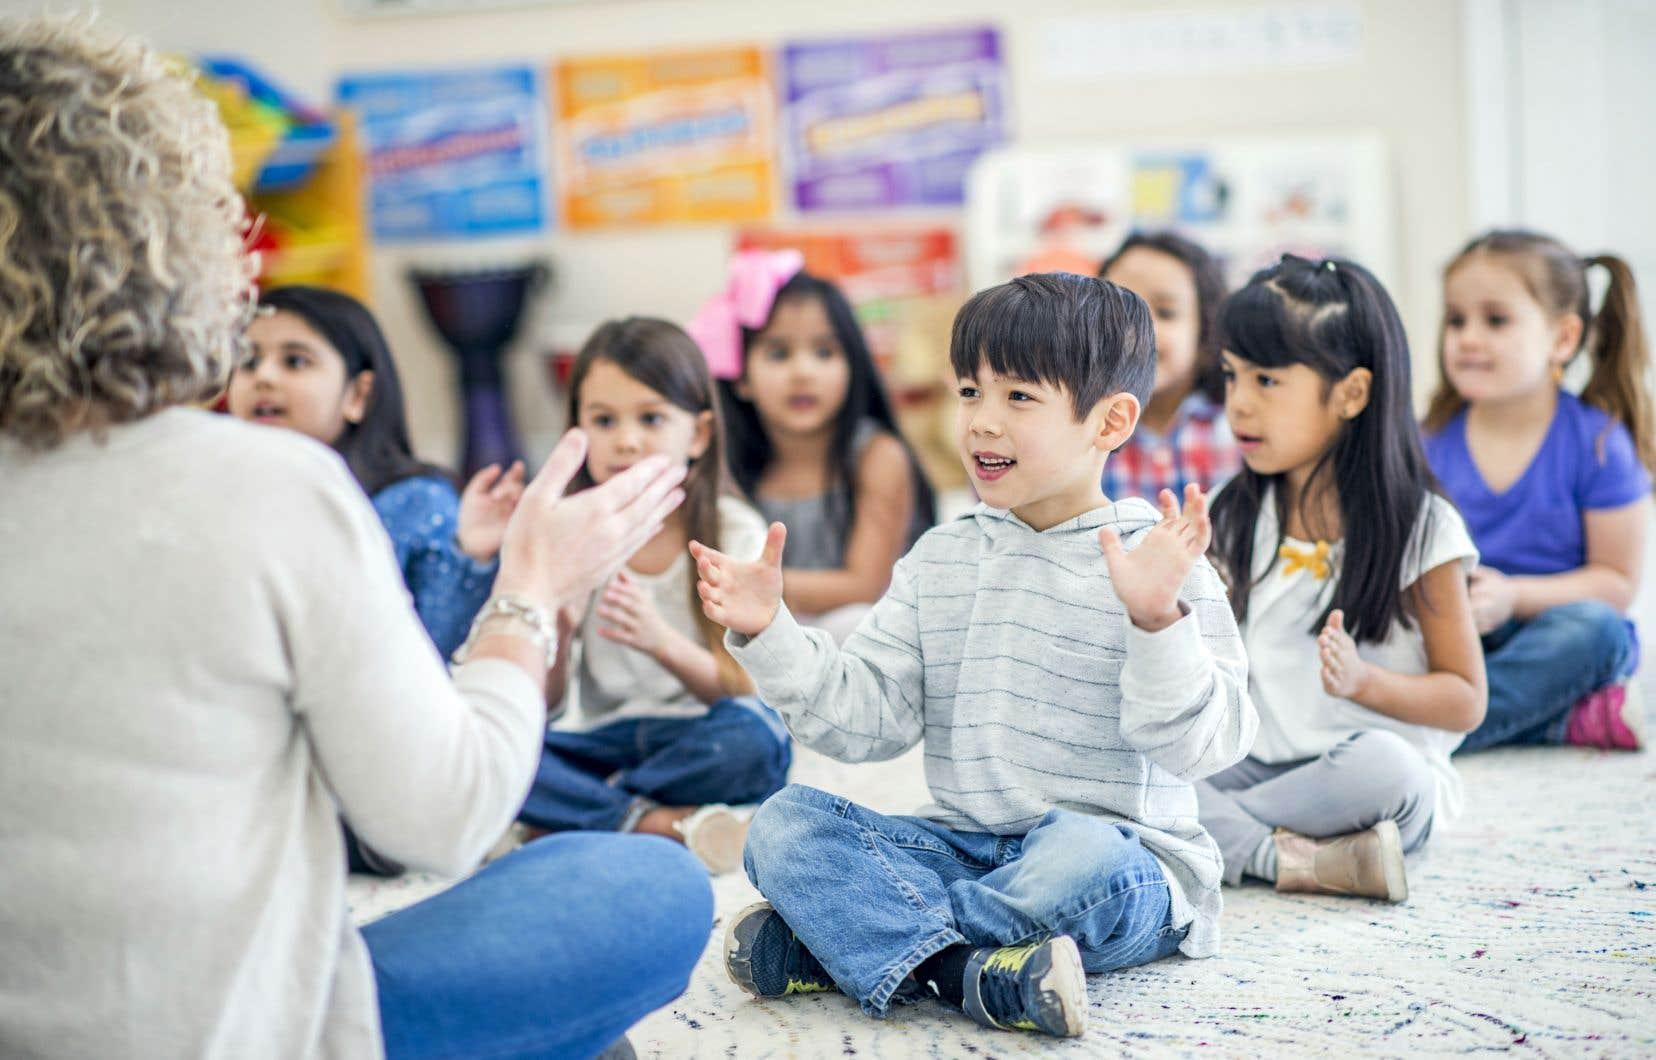 L'apprentissage qui est offert dans les services éducatifs de la petite enfance est complémentaire à la stimulation vécue au sein de la famille.